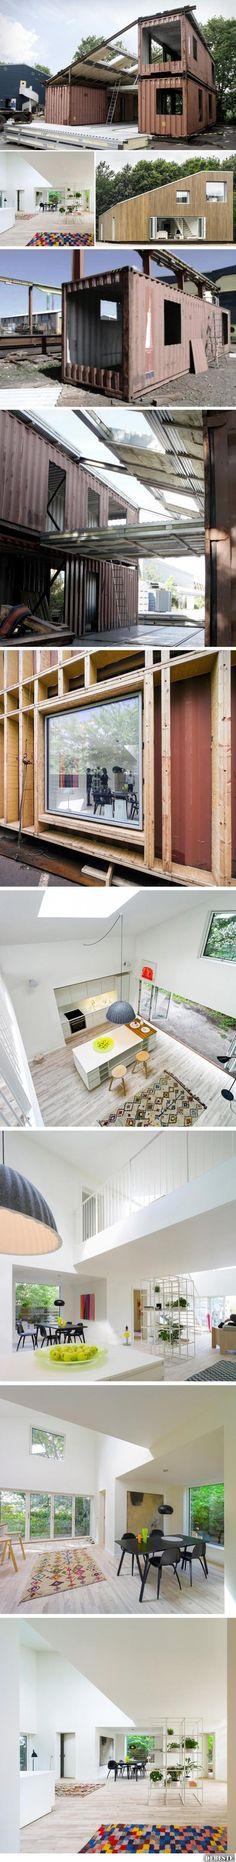 Modernen Container Haus   DEBESTE.de, Lustige Bilder, Sprüche, Witze und Videos